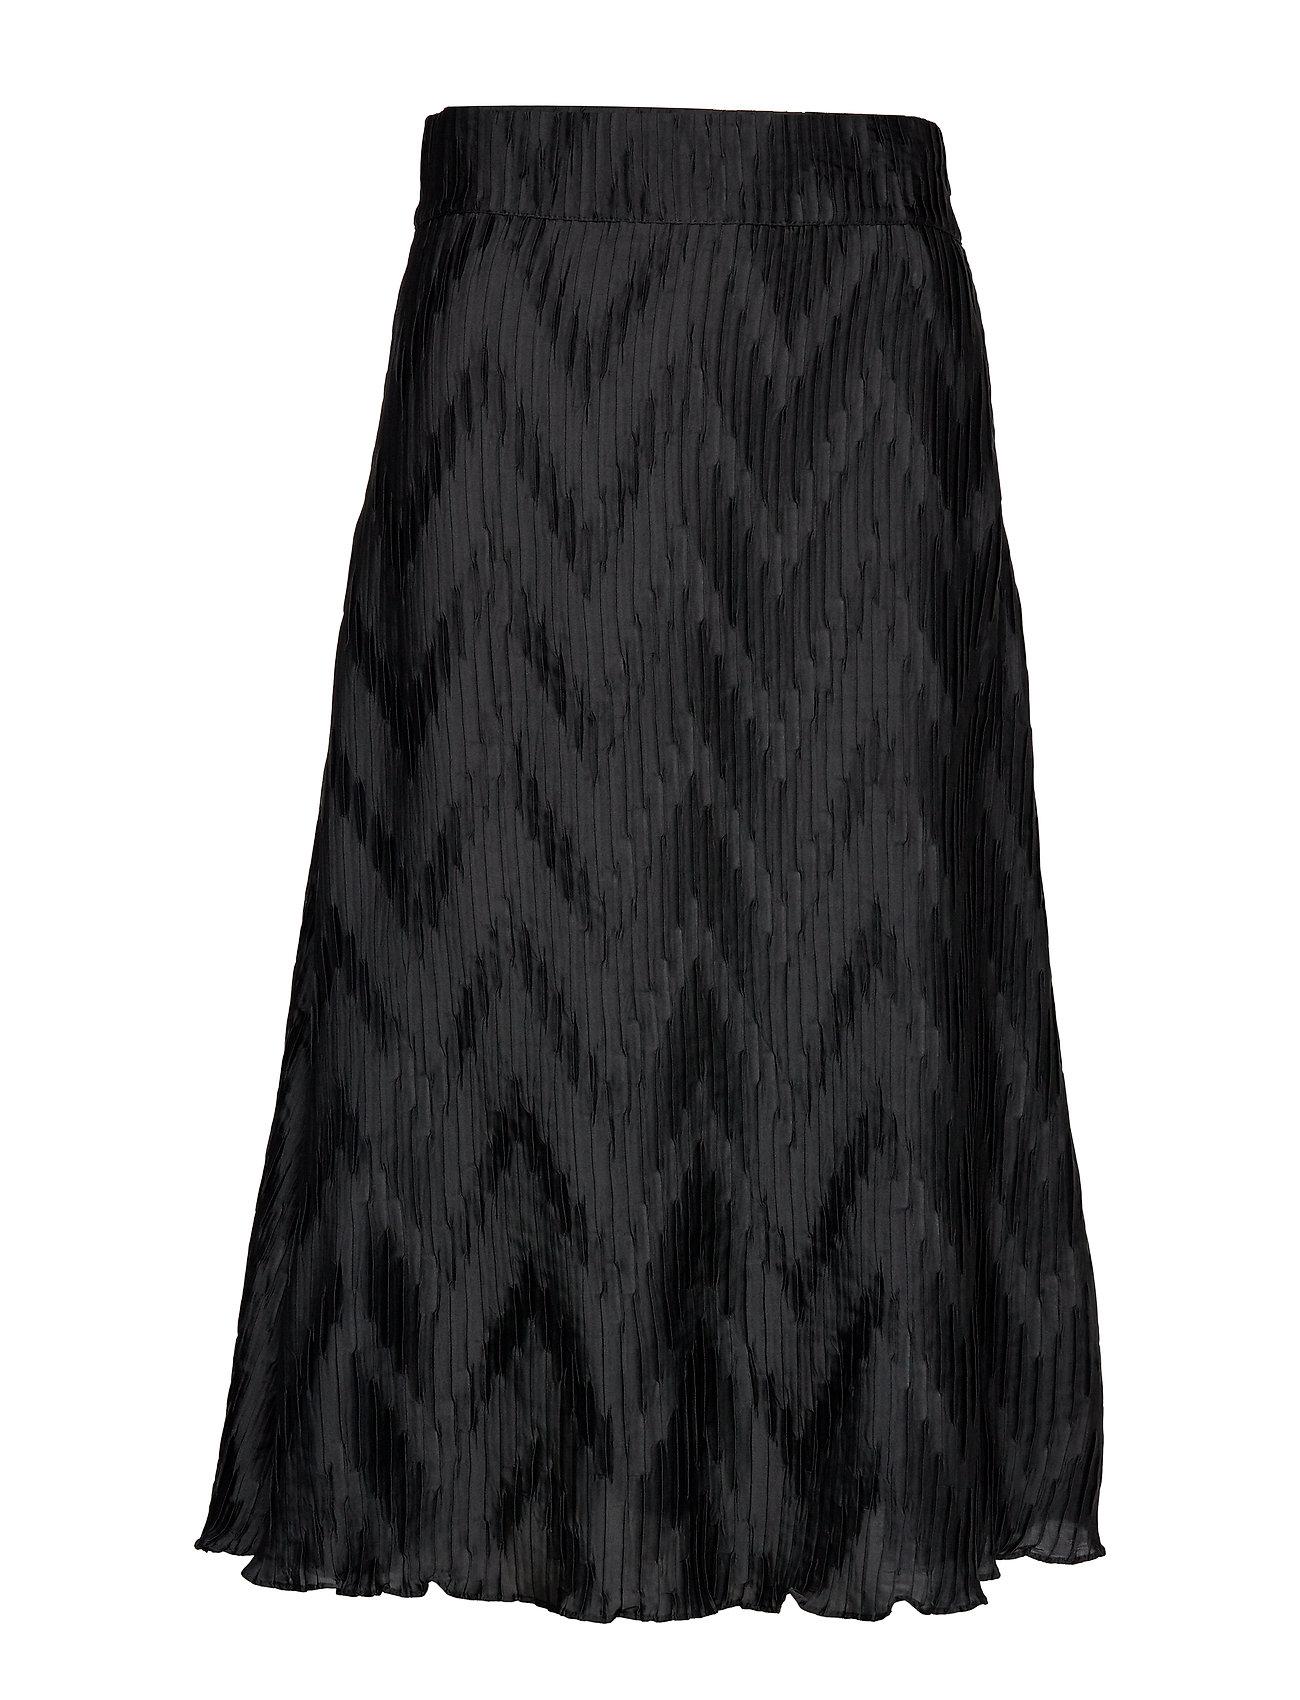 Twist & Tango Ella Skirt - BLACK